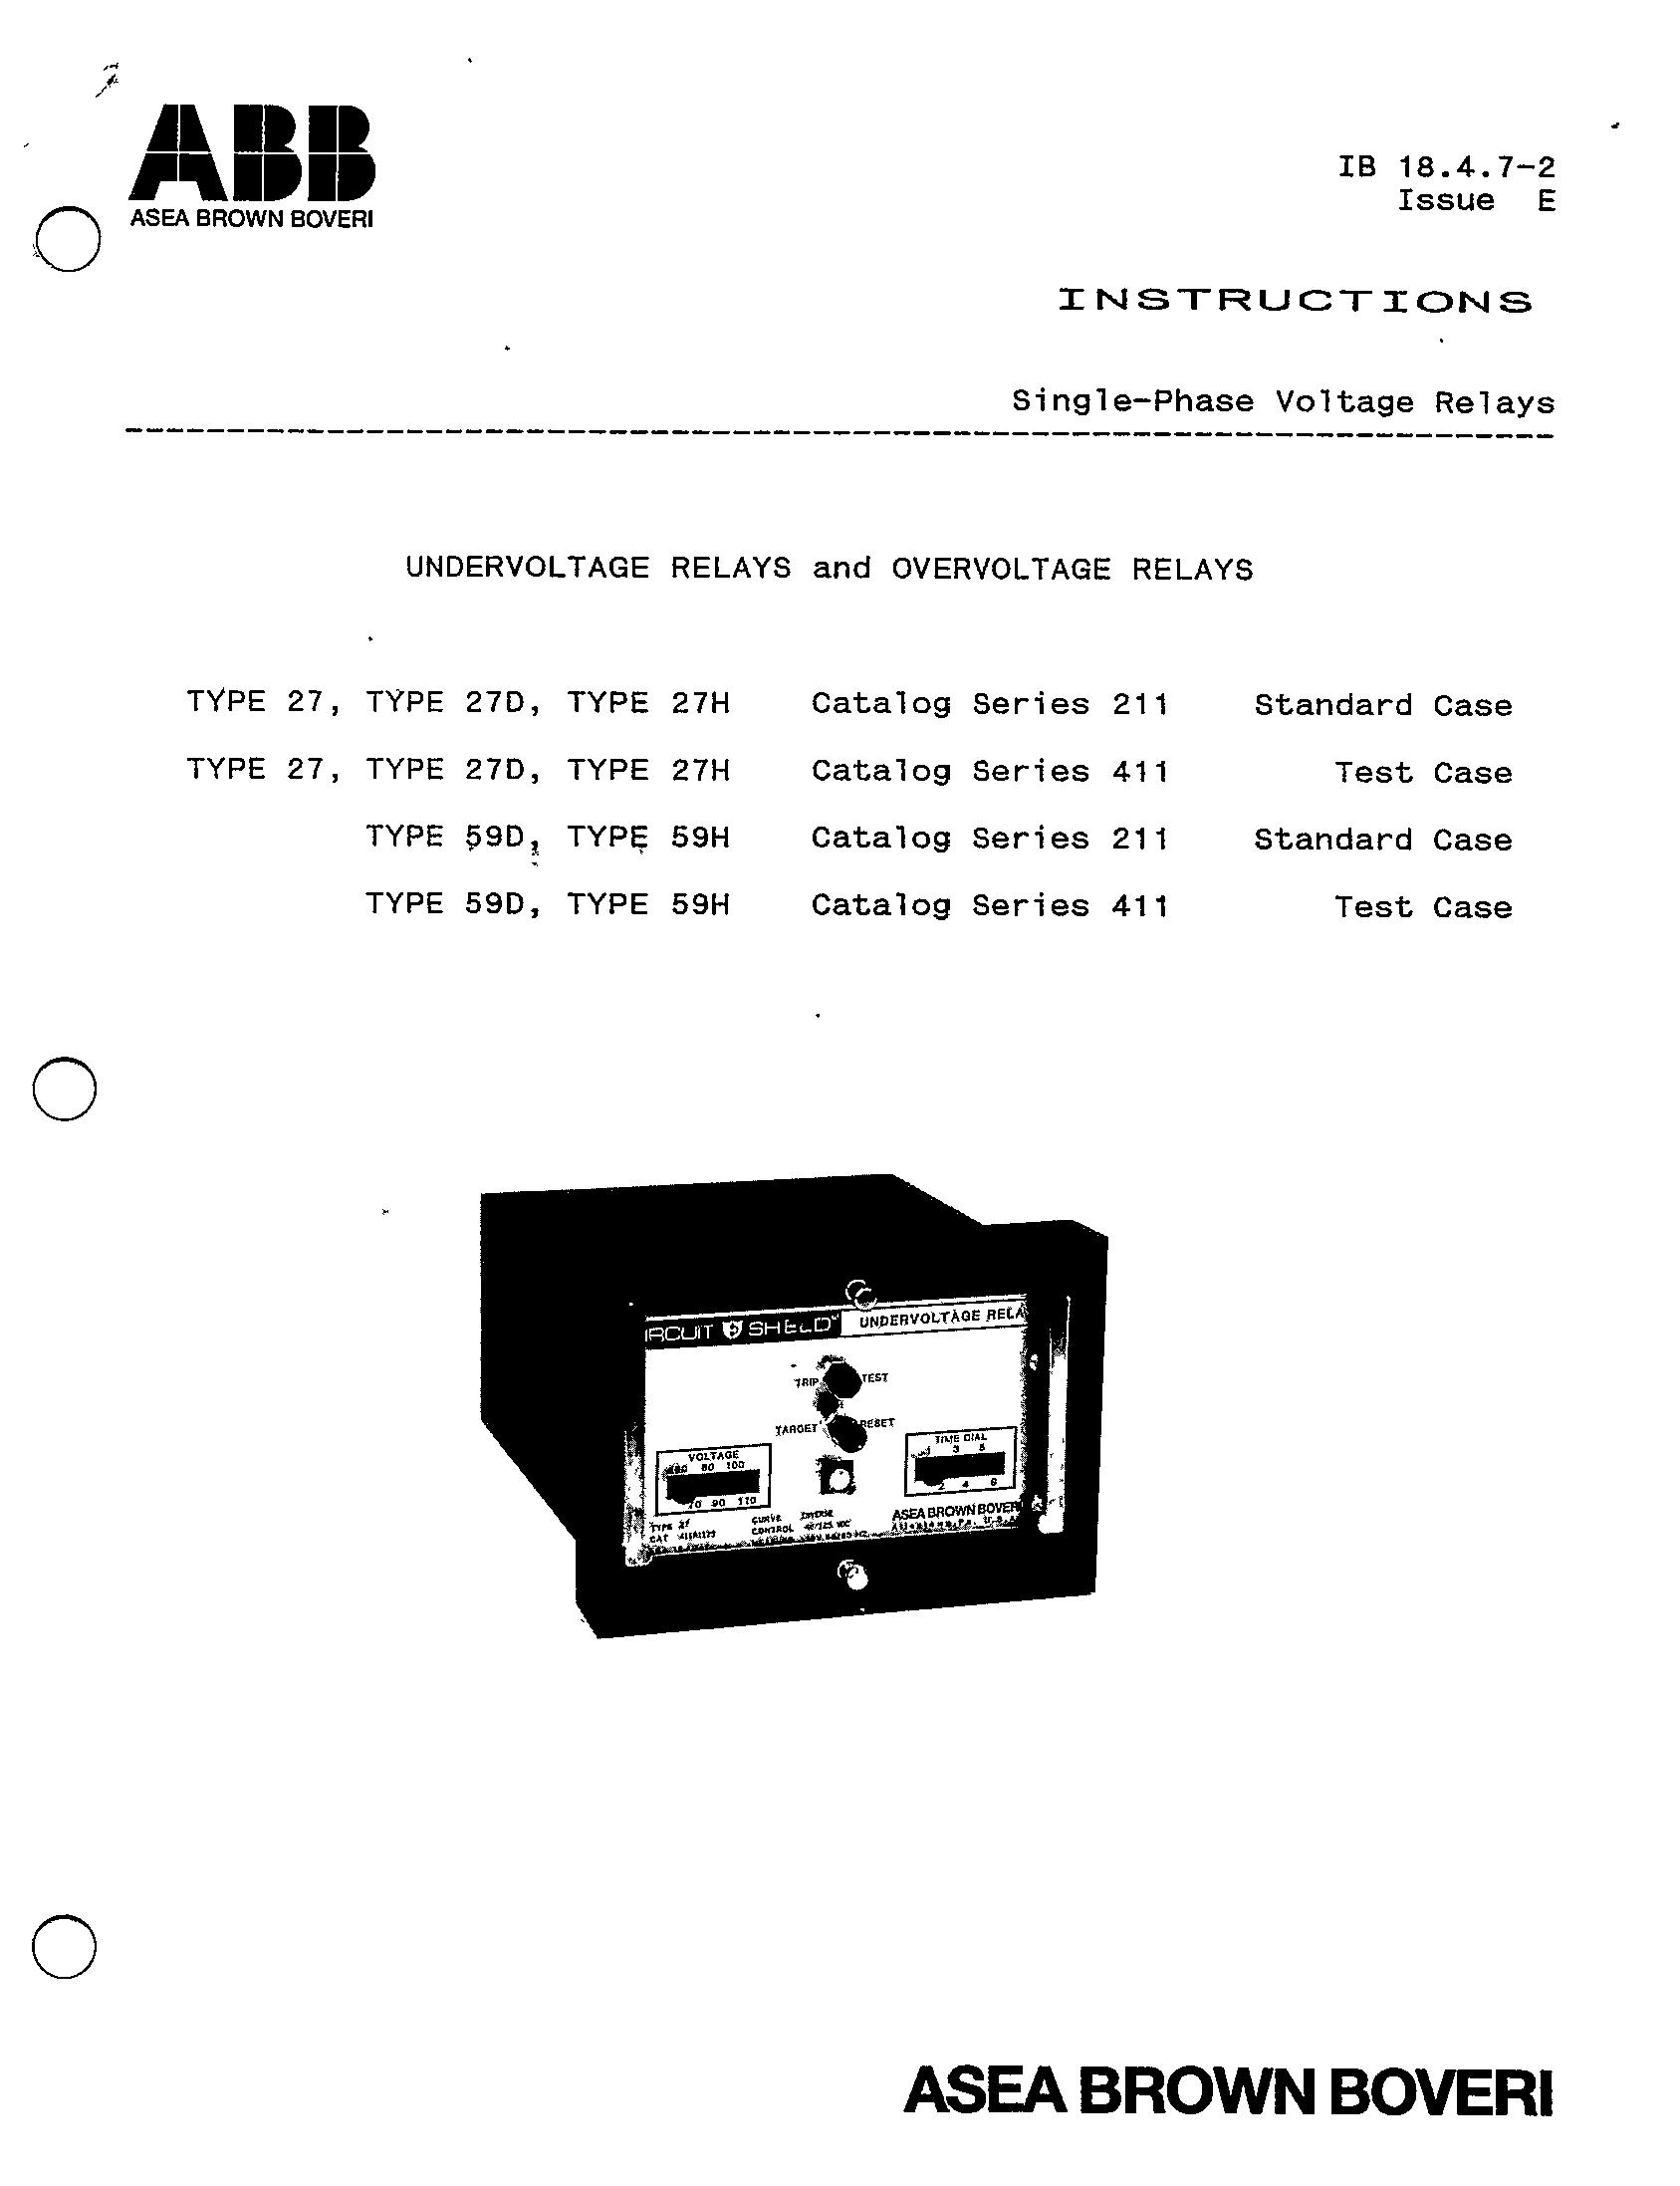 Single Phase Voltage Relays Undervoltage And Overvoltage